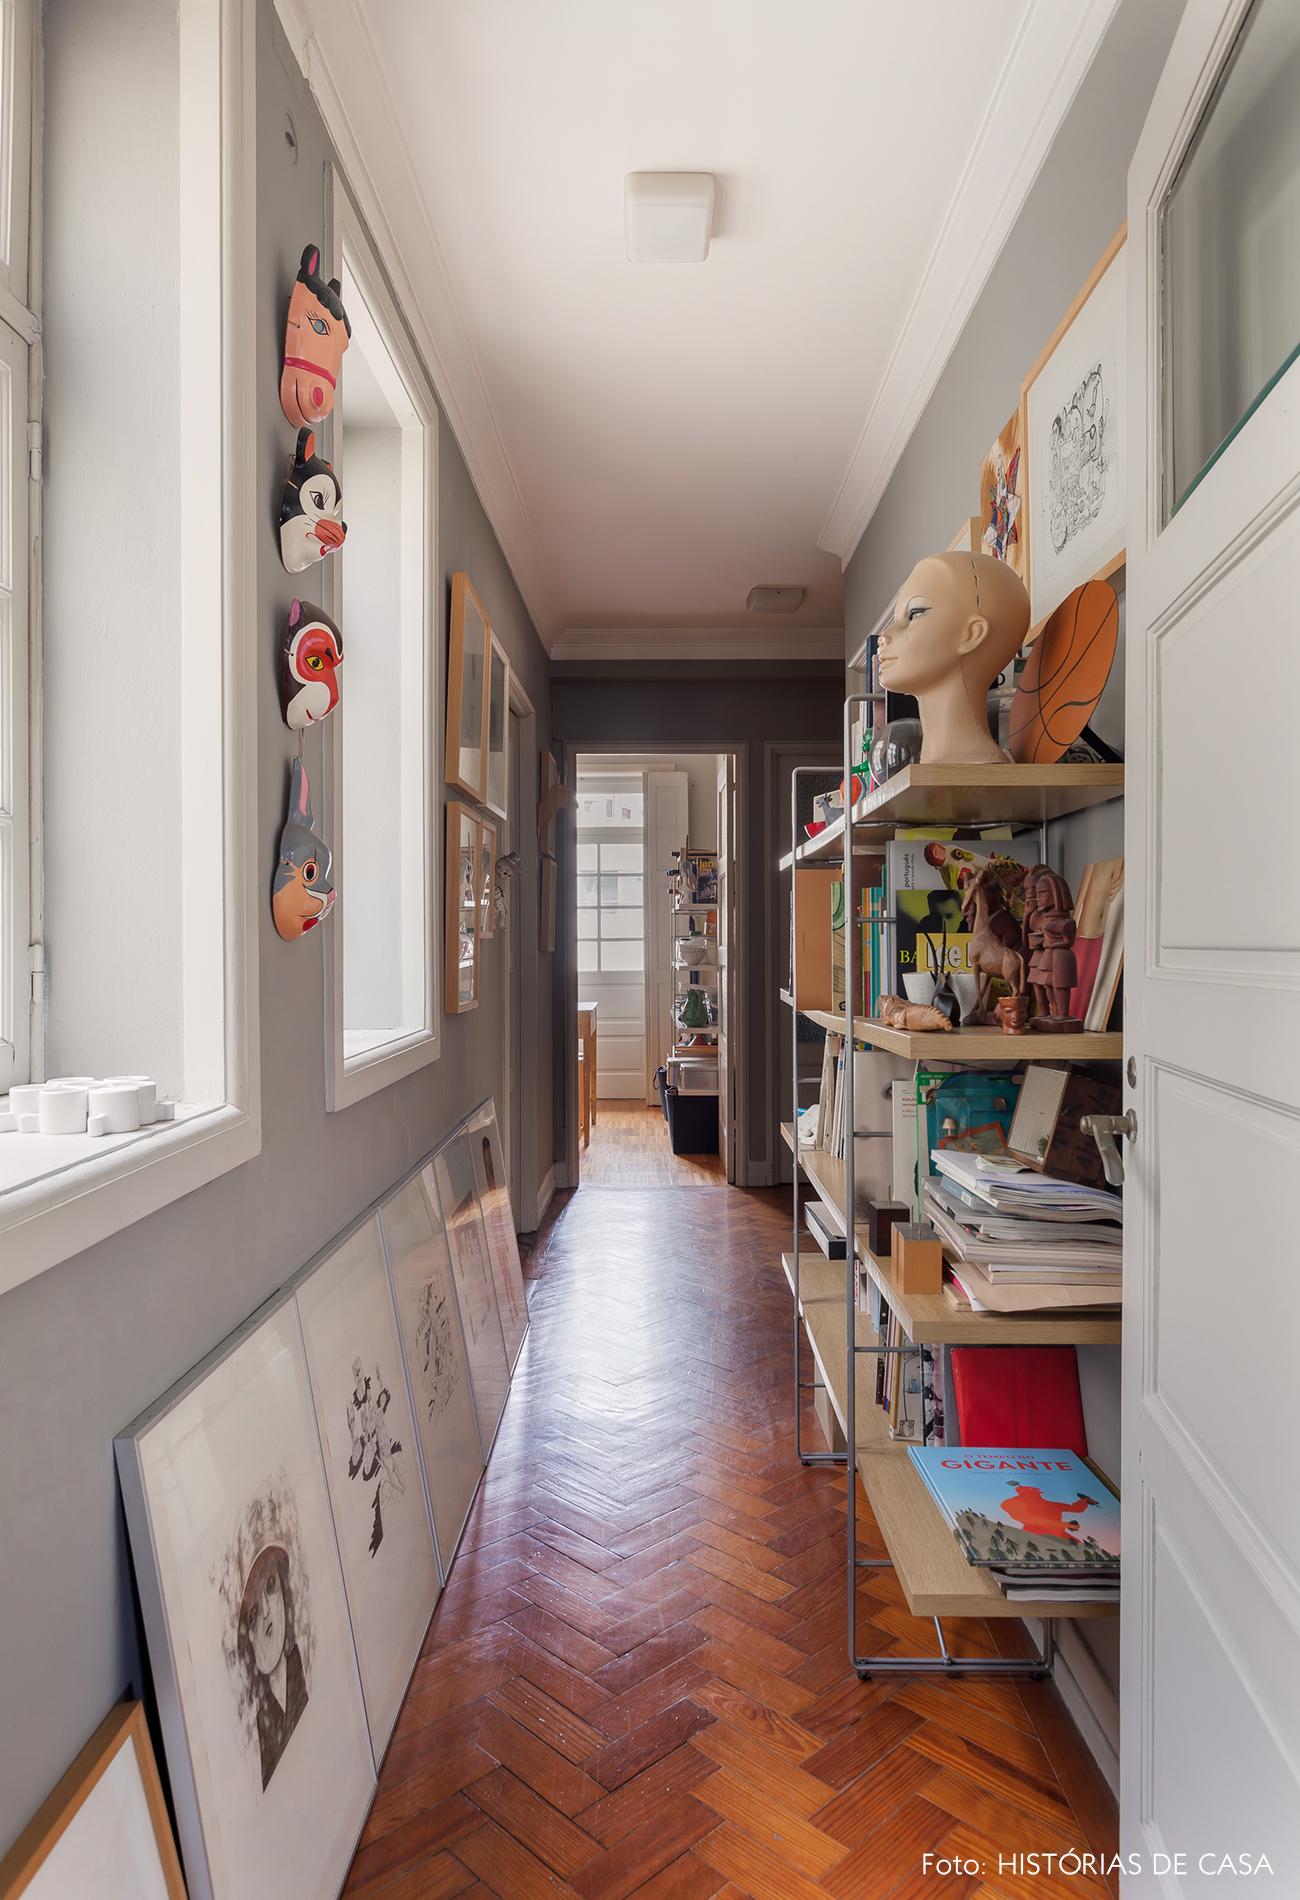 Corredor de apartamento com paredes pintadas de cinza